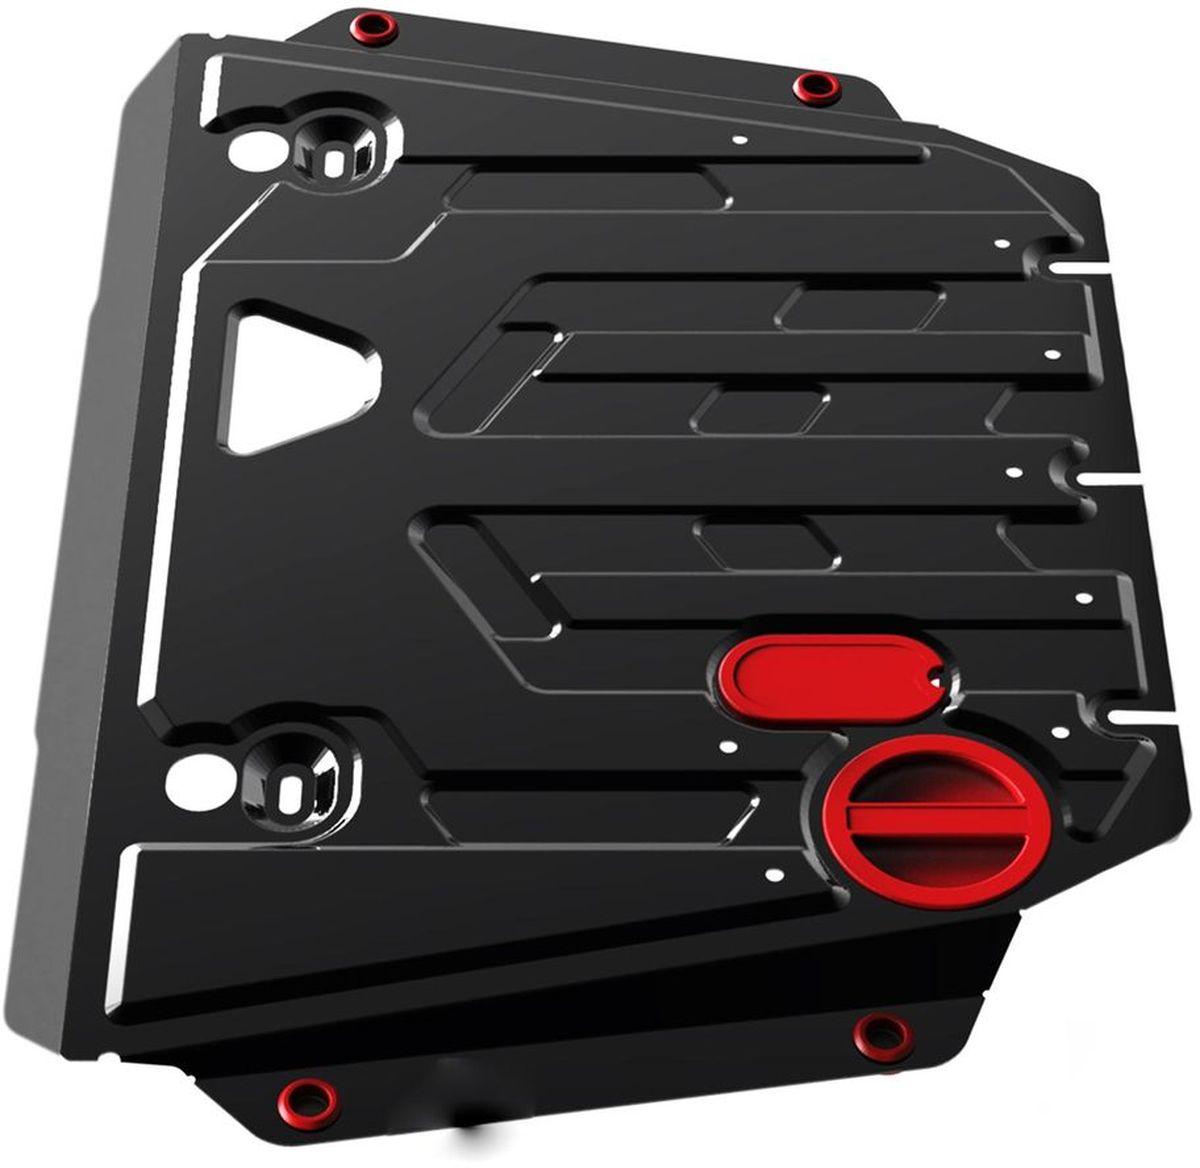 Защита картера и КПП Автоброня, для Ford Tourneo Custom, V - 2.2 (2013-)/Ford Transit FWD, V- 2,2 (2014-)111.01839.1Технологически совершенный продукт за невысокую стоимость. Защита разработана с учетом особенностей днища автомобиля, что позволяет сохранить дорожный просвет с минимальным изменением. Защита устанавливается в штатные места кузова автомобиля. Глубокий штамп обеспечивает до двух раз больше жесткости в сравнении с обычной защитой той же толщины. Проштампованные ребра жесткости препятствуют деформации защиты при ударах. Тепловой зазор и вентиляционные отверстия обеспечивают сохранение температурного режима двигателя в норме. Скрытый крепеж предотвращает срыв крепежных элементов при наезде на препятствие. Шумопоглощающие резиновые элементы обеспечивают комфортную езду без вибраций и скрежета металла, а съемные лючки для слива масла и замены фильтра - экономию средств и время. Конструкция изделия не влияет на пассивную безопасность автомобиля (при ударе защита не воздействует на деформационные зоны кузова). Со штатным крепежом. В комплекте инструкция по установке....